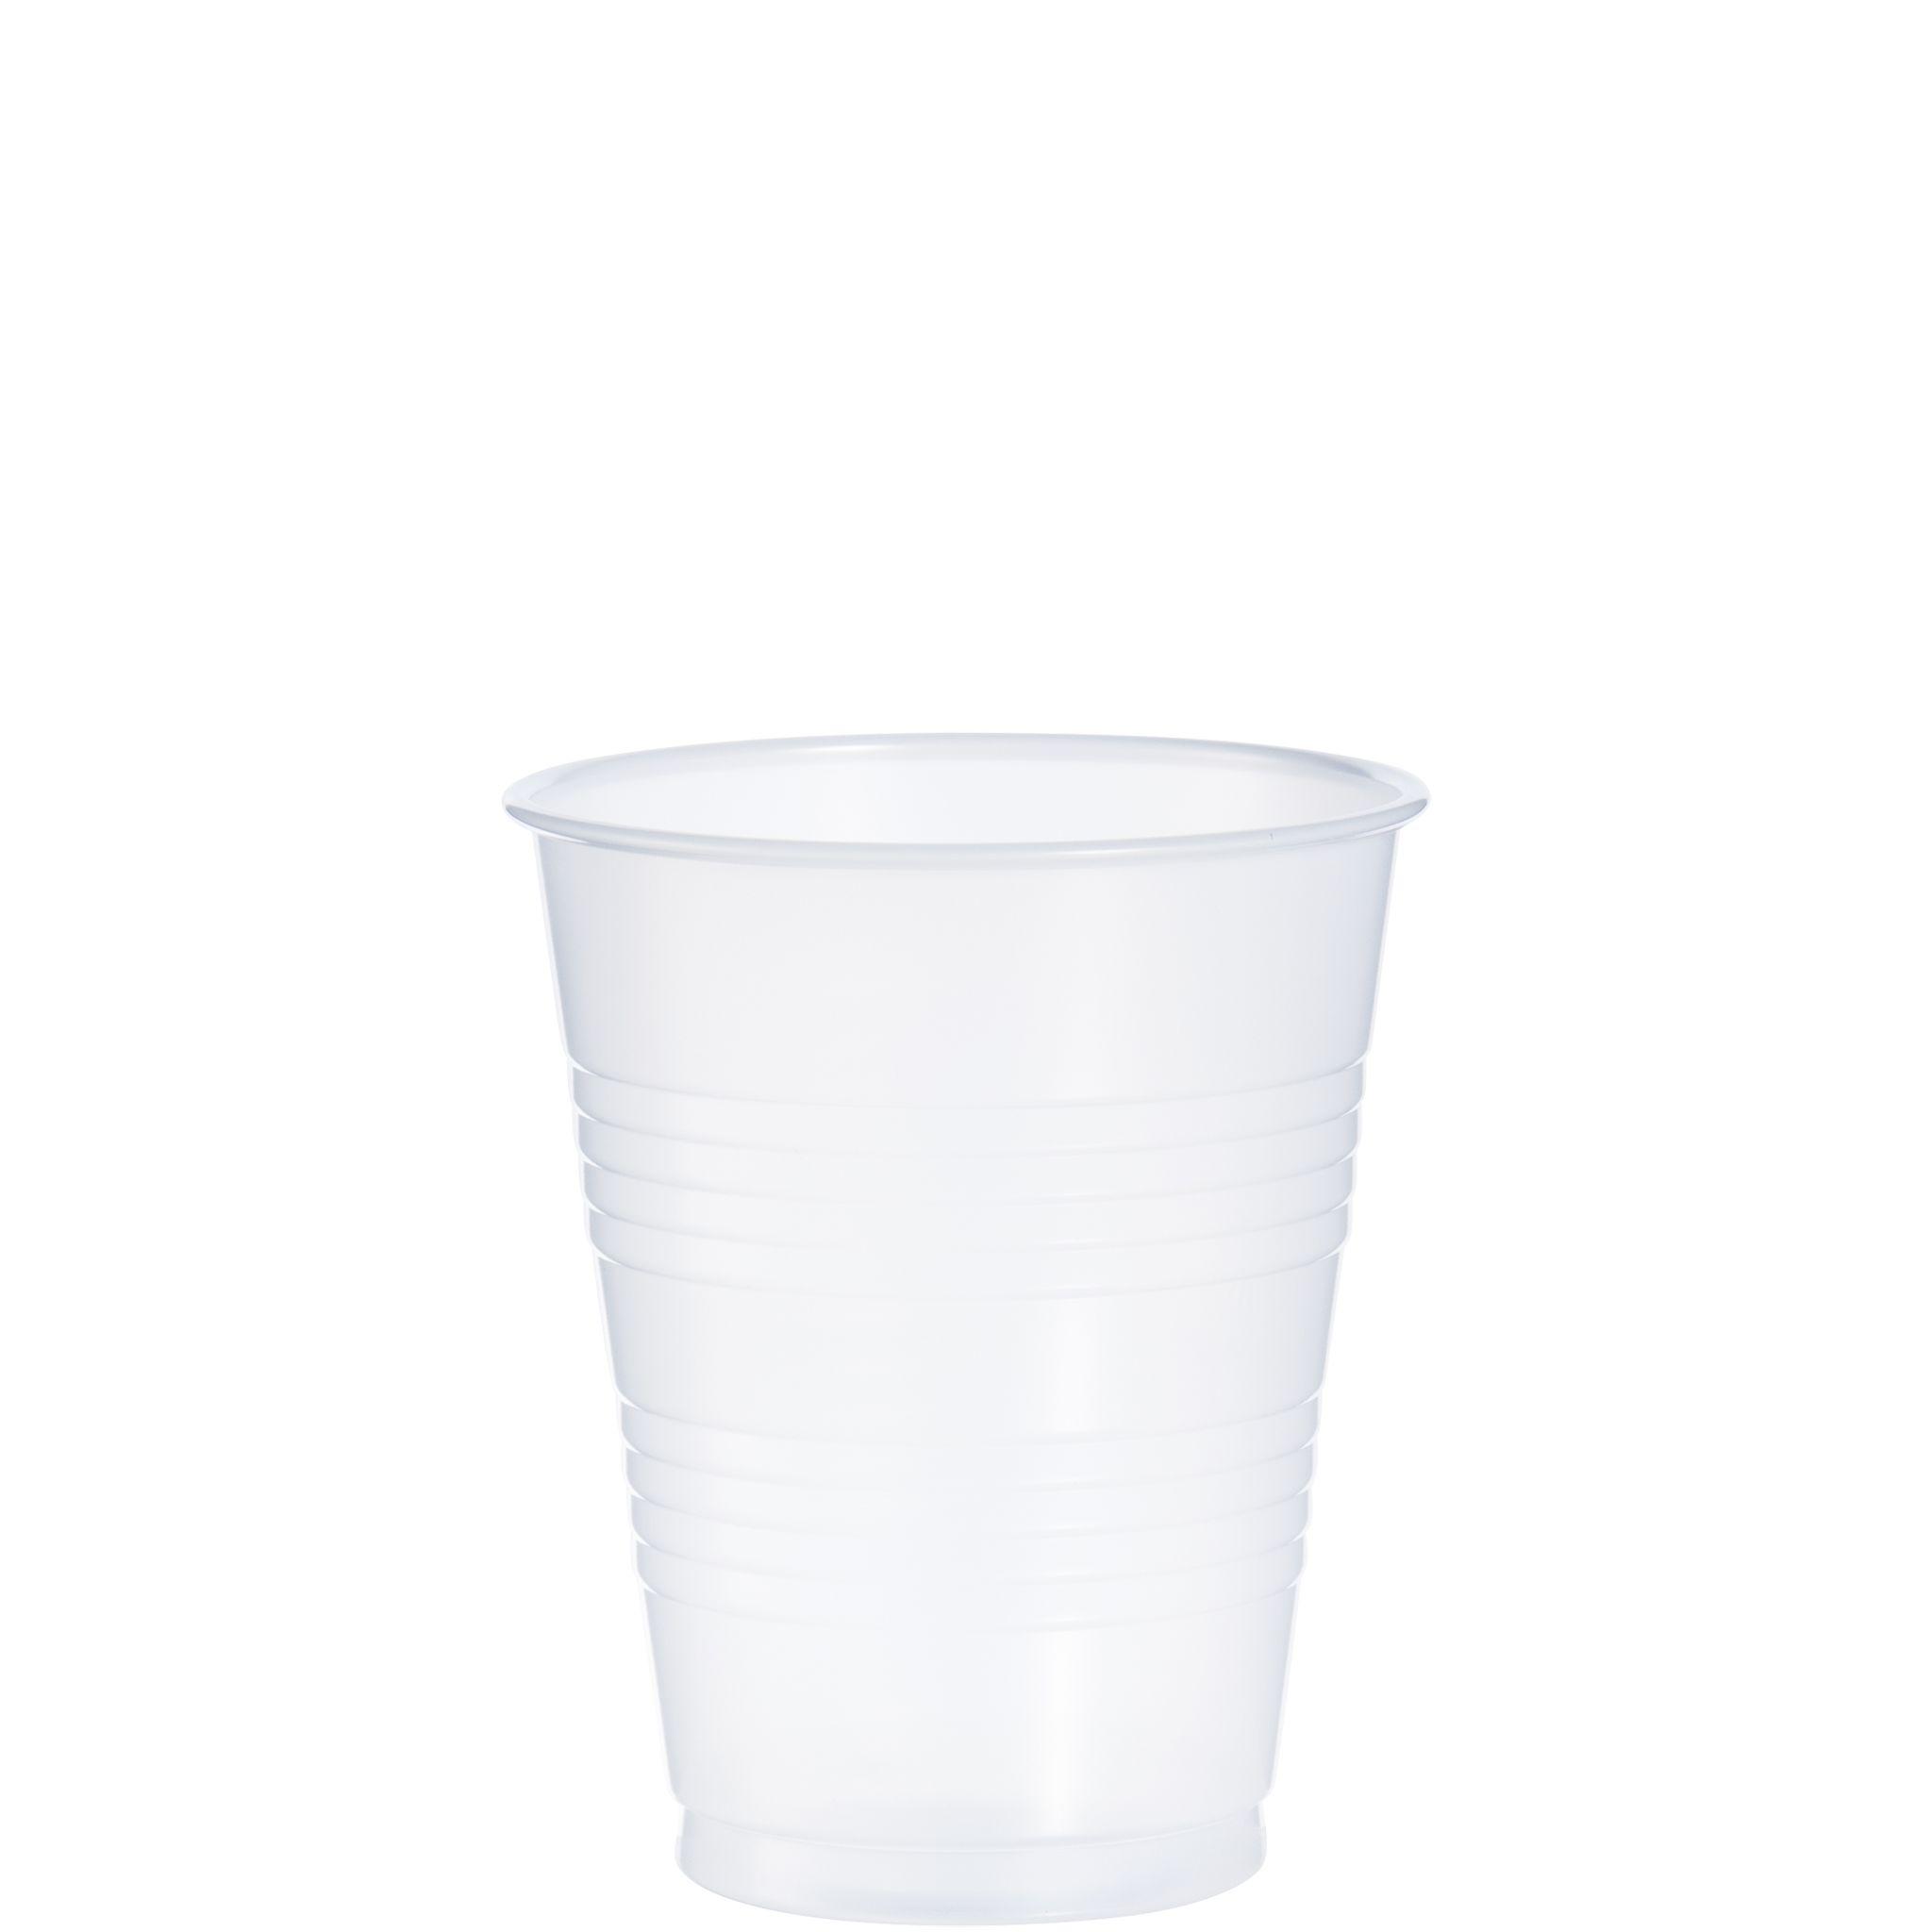 Conex® Galaxy™ Polystyrene Cups